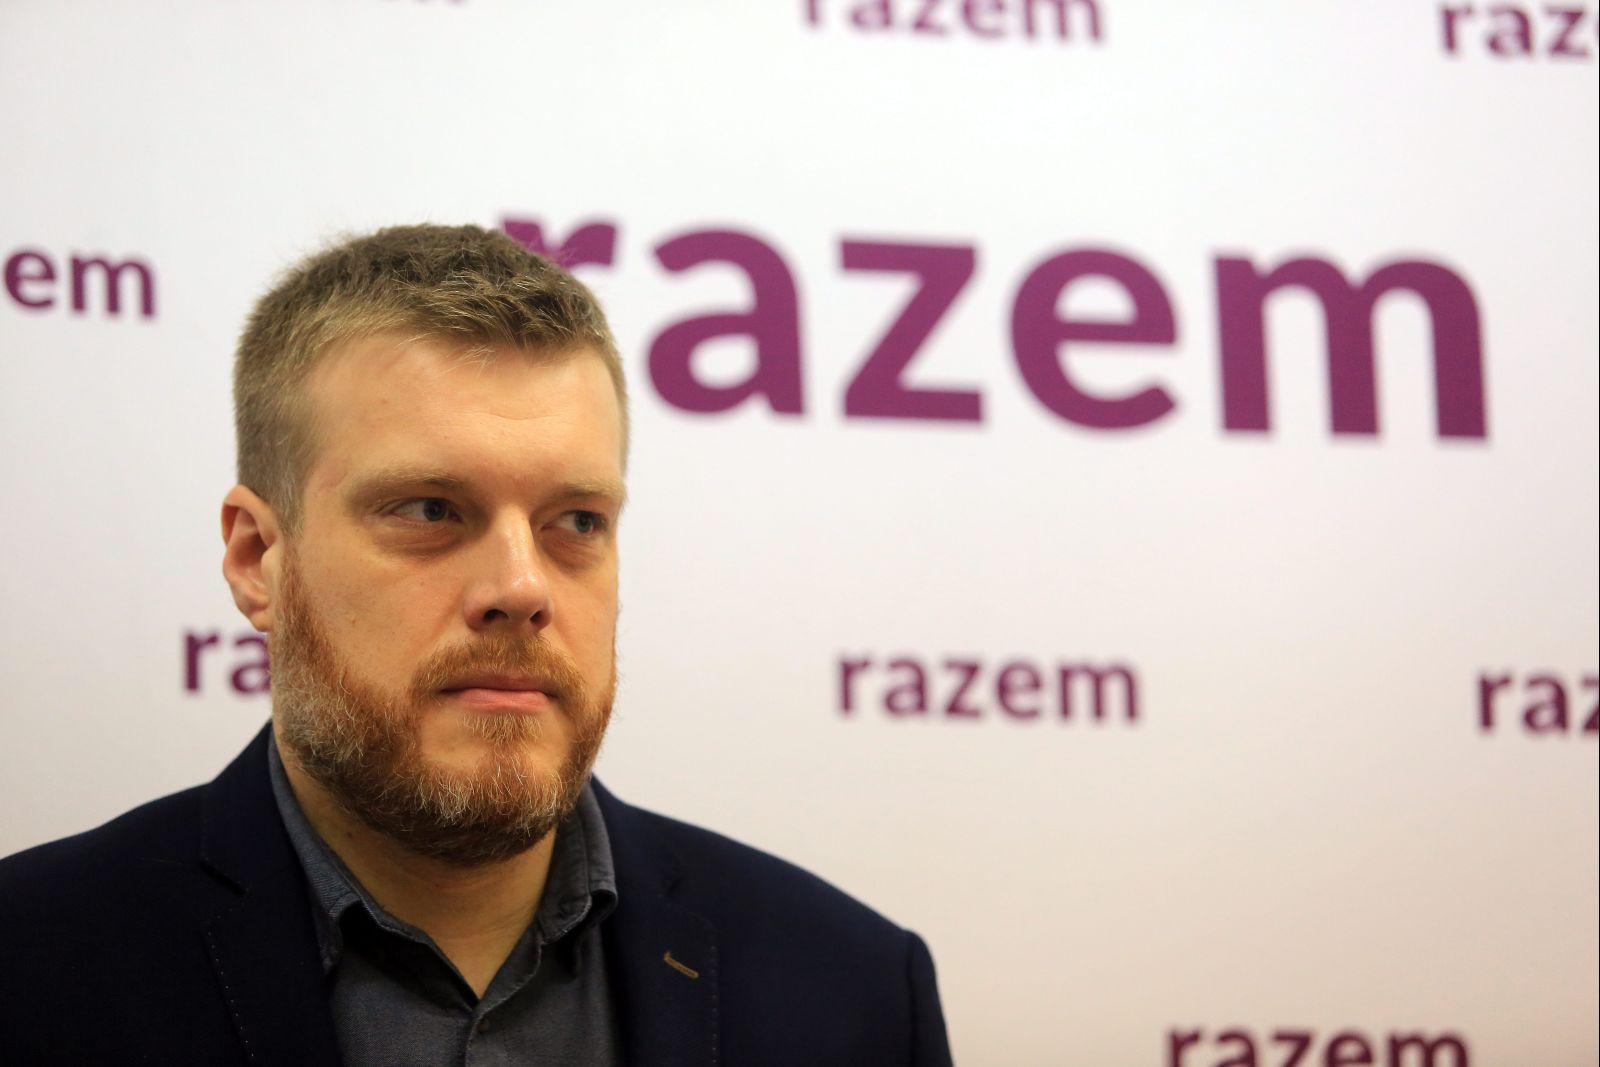 Adrian Zandberg na konferencji prasowej Razem (fot. Jacek Marczewski/AG)